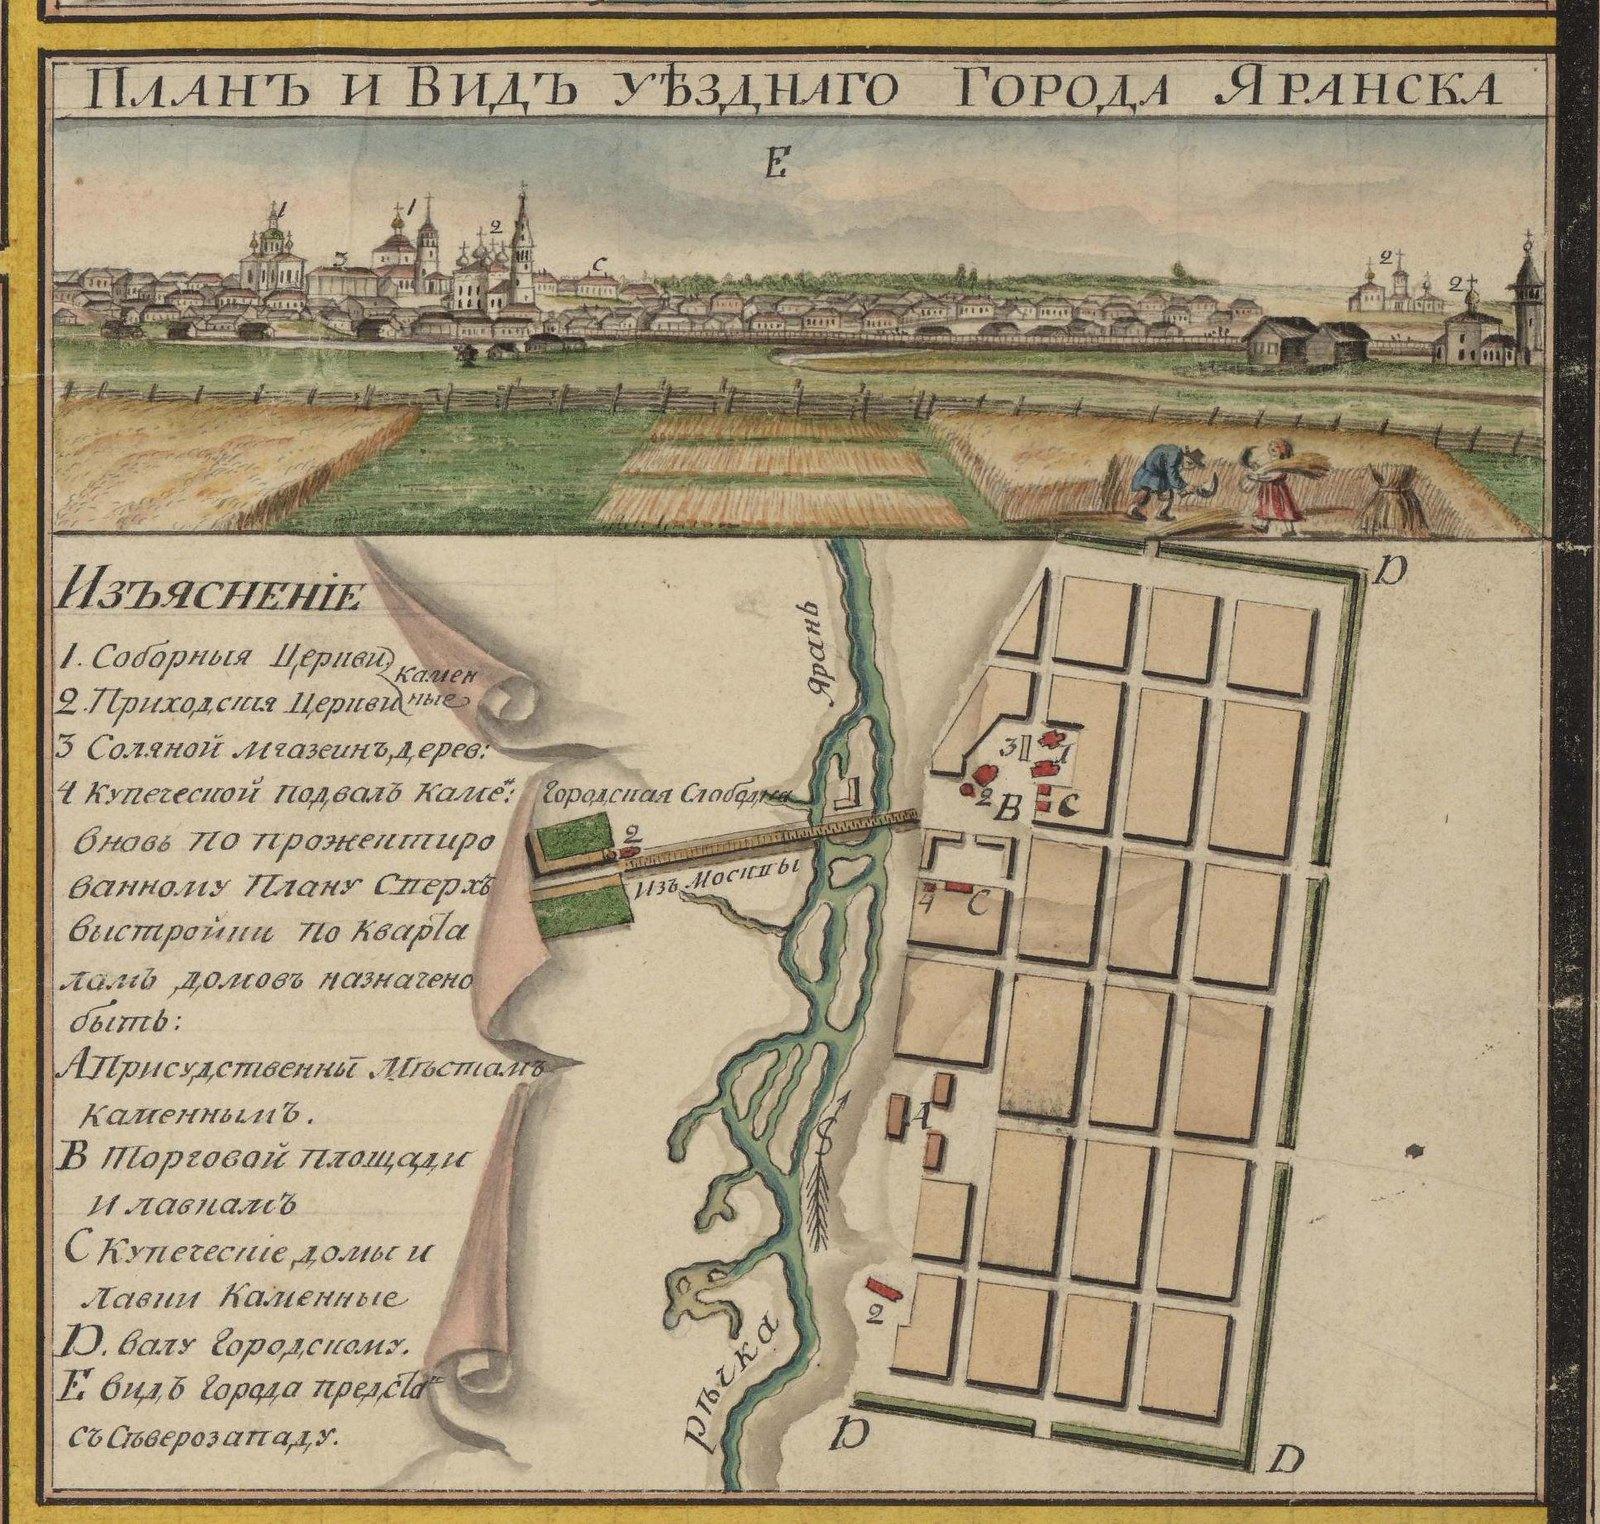 Генеральная карта Вятской губернии с планами и видами городов. 1806 - Copy (10)